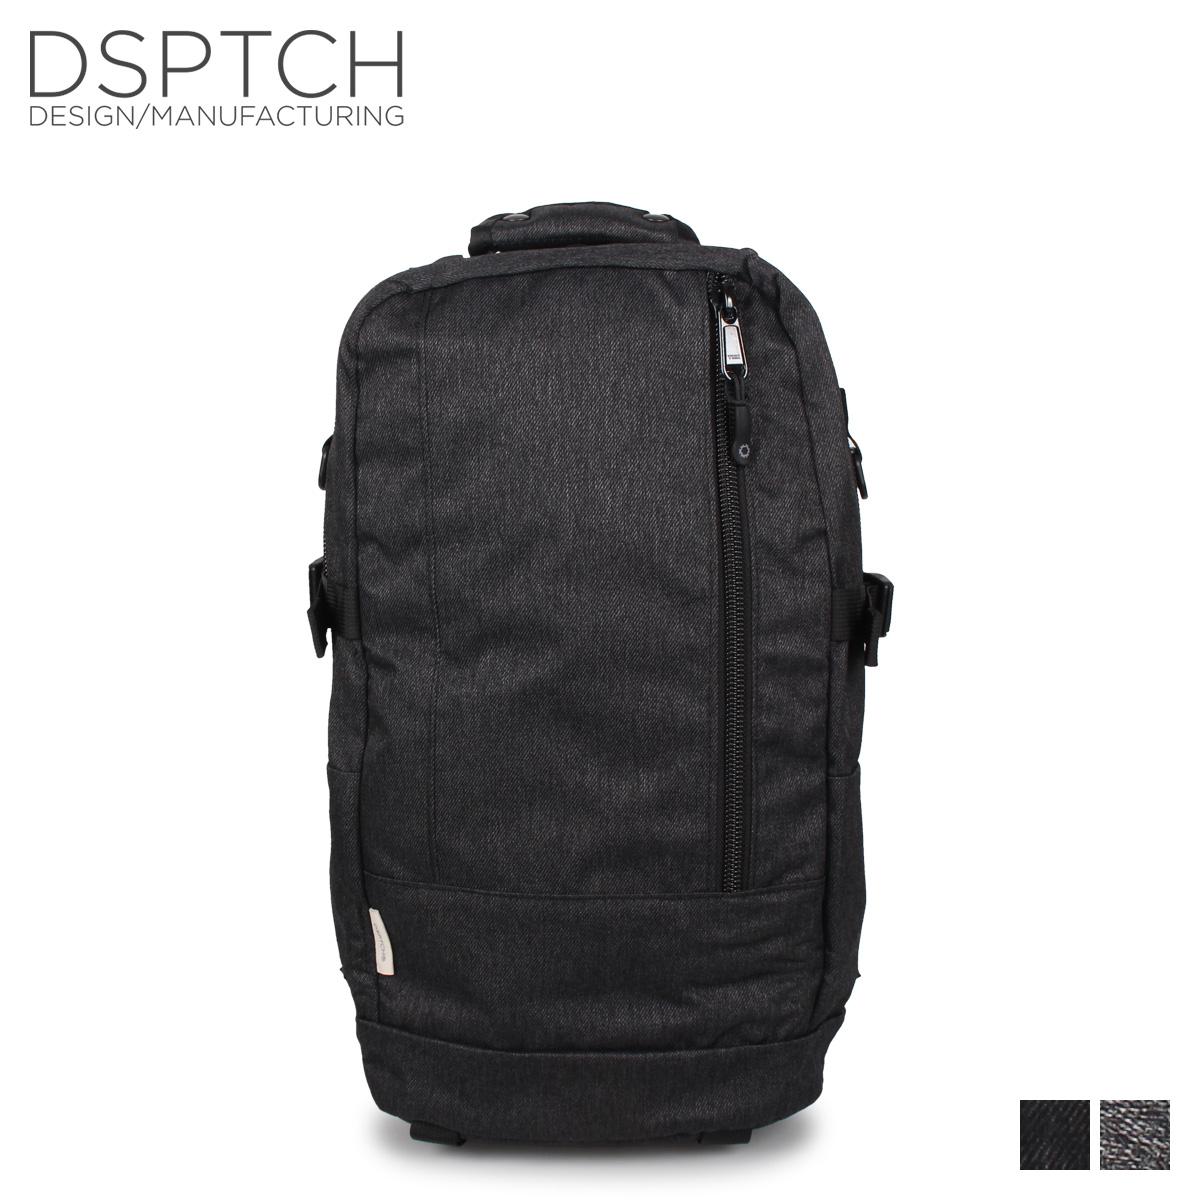 ディスパッチ DSPTCH バッグ リュック バックパック メンズ レディース DAYPACK グレー チャコールグレー PCK-DP-GST